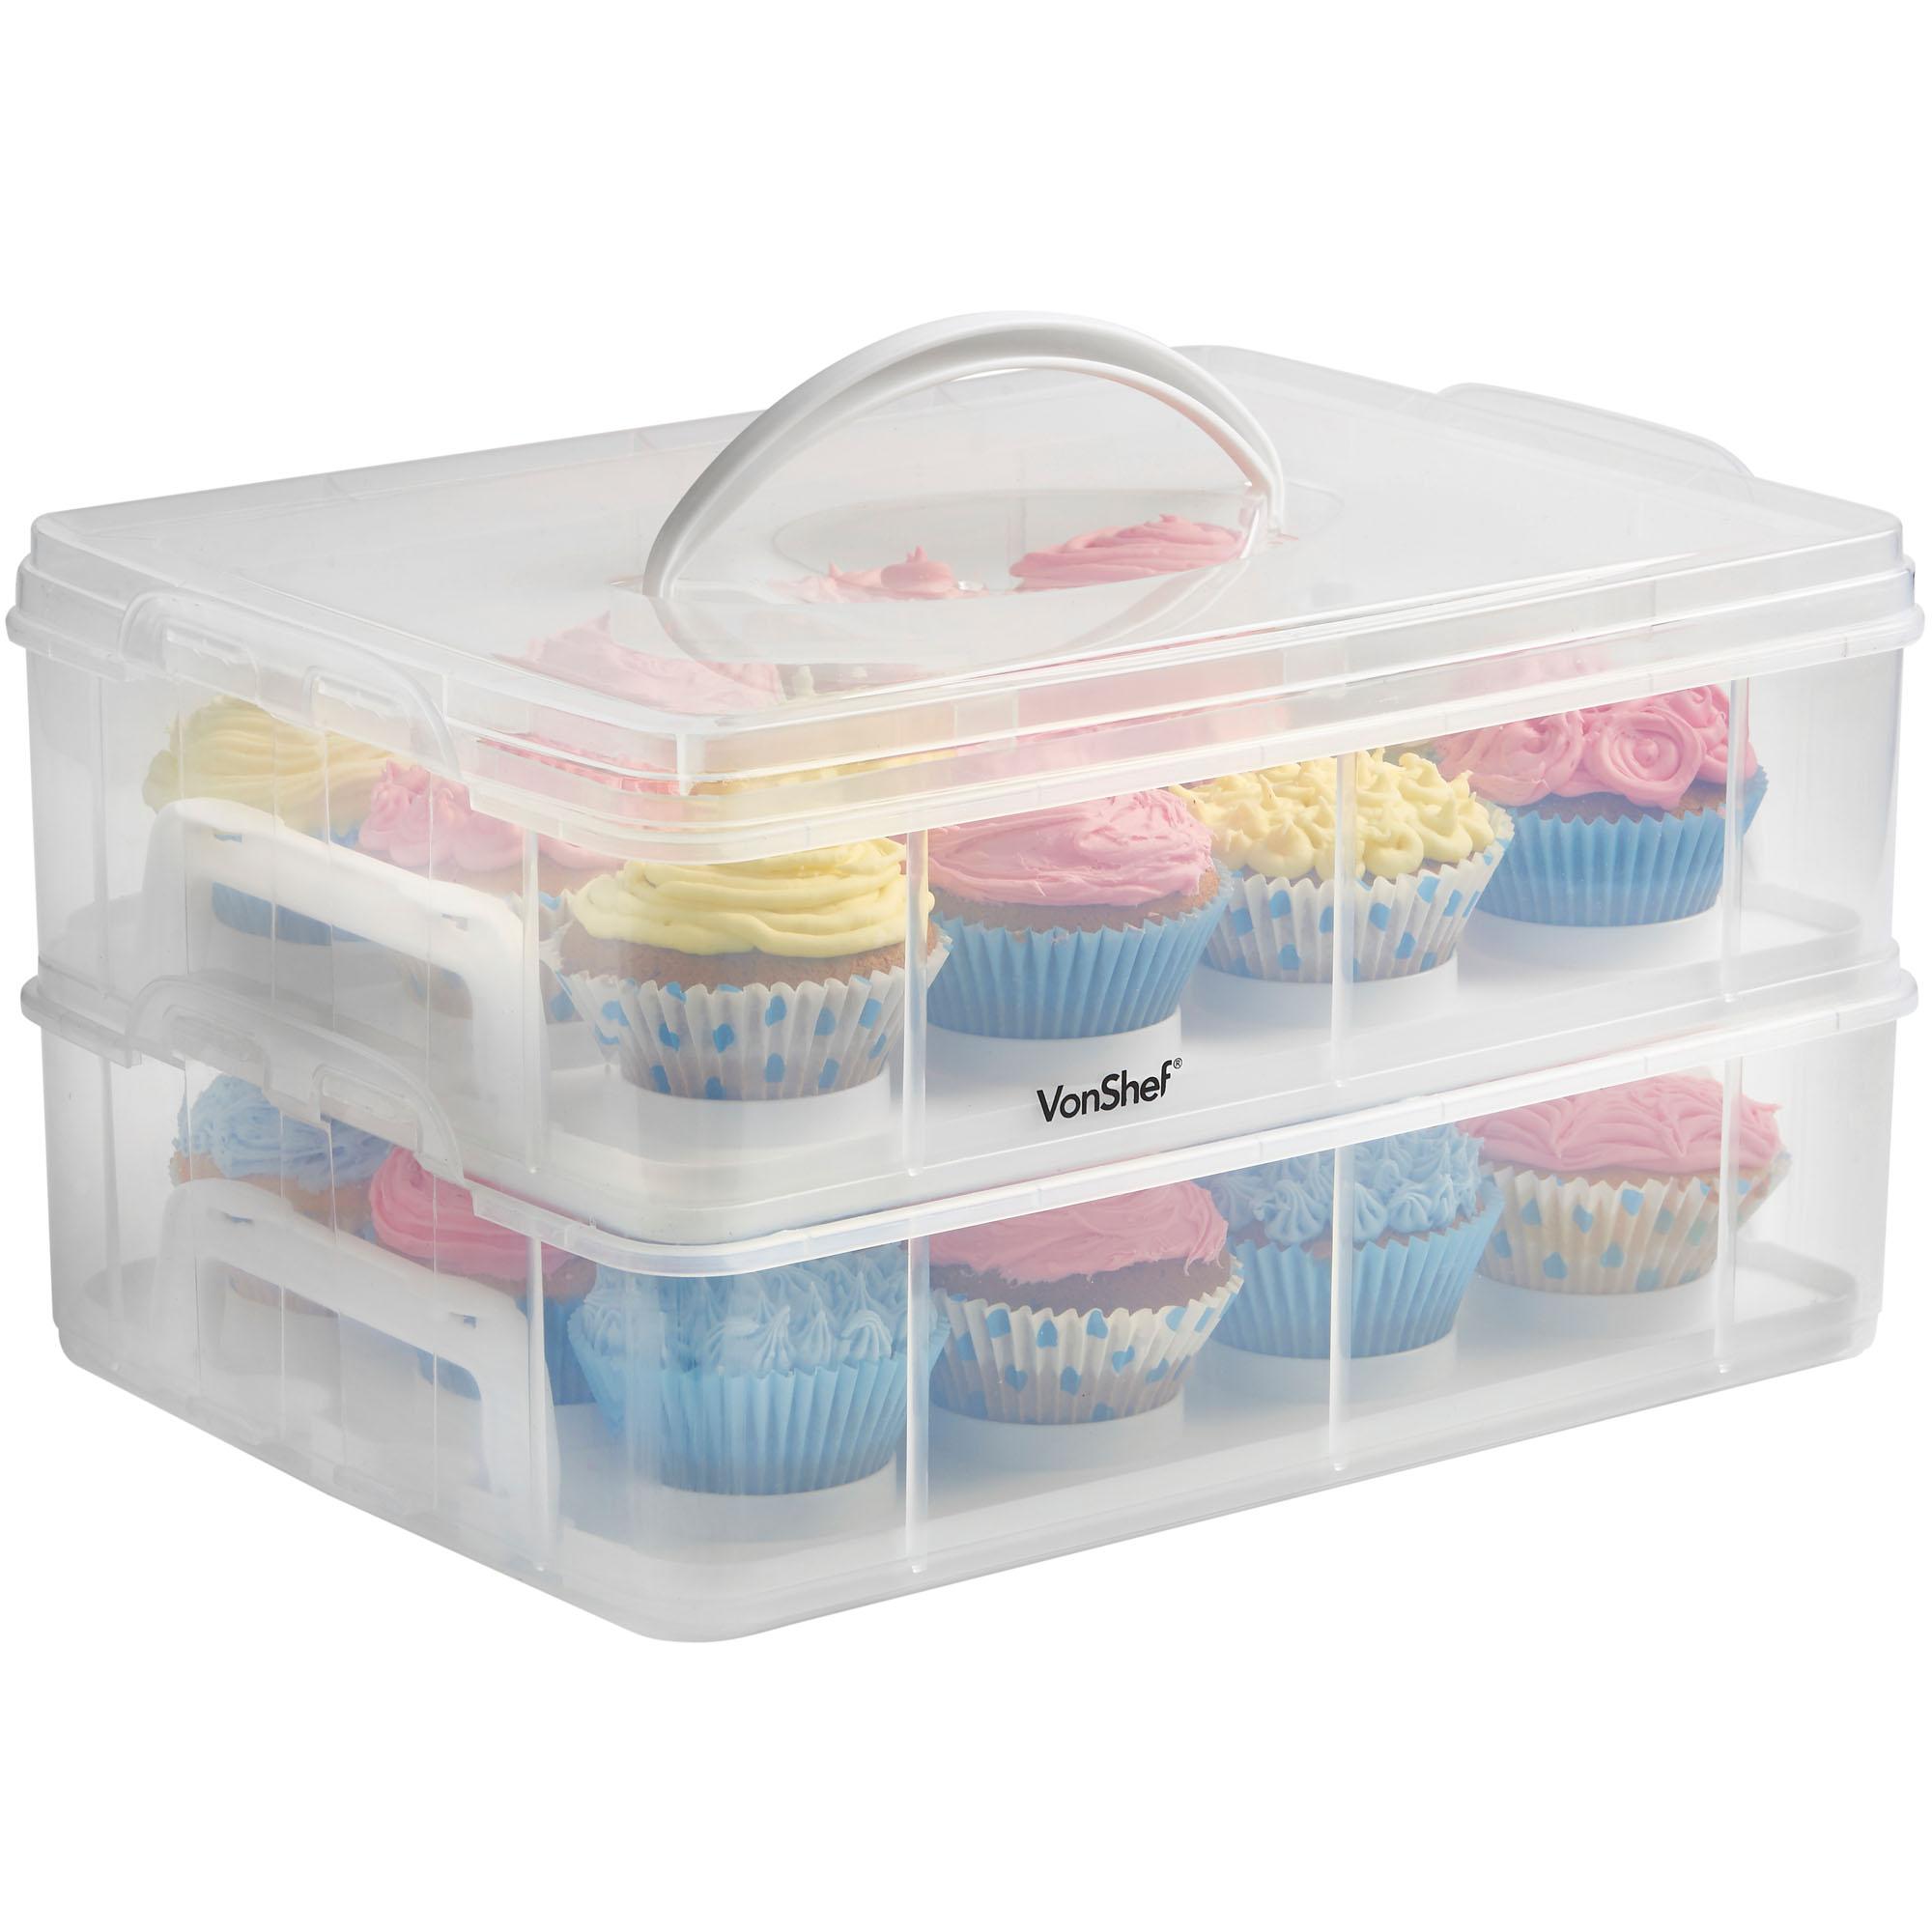 VonShef 2 Tier Locking 24 Cupcake Holder Caddy Cake Carrier